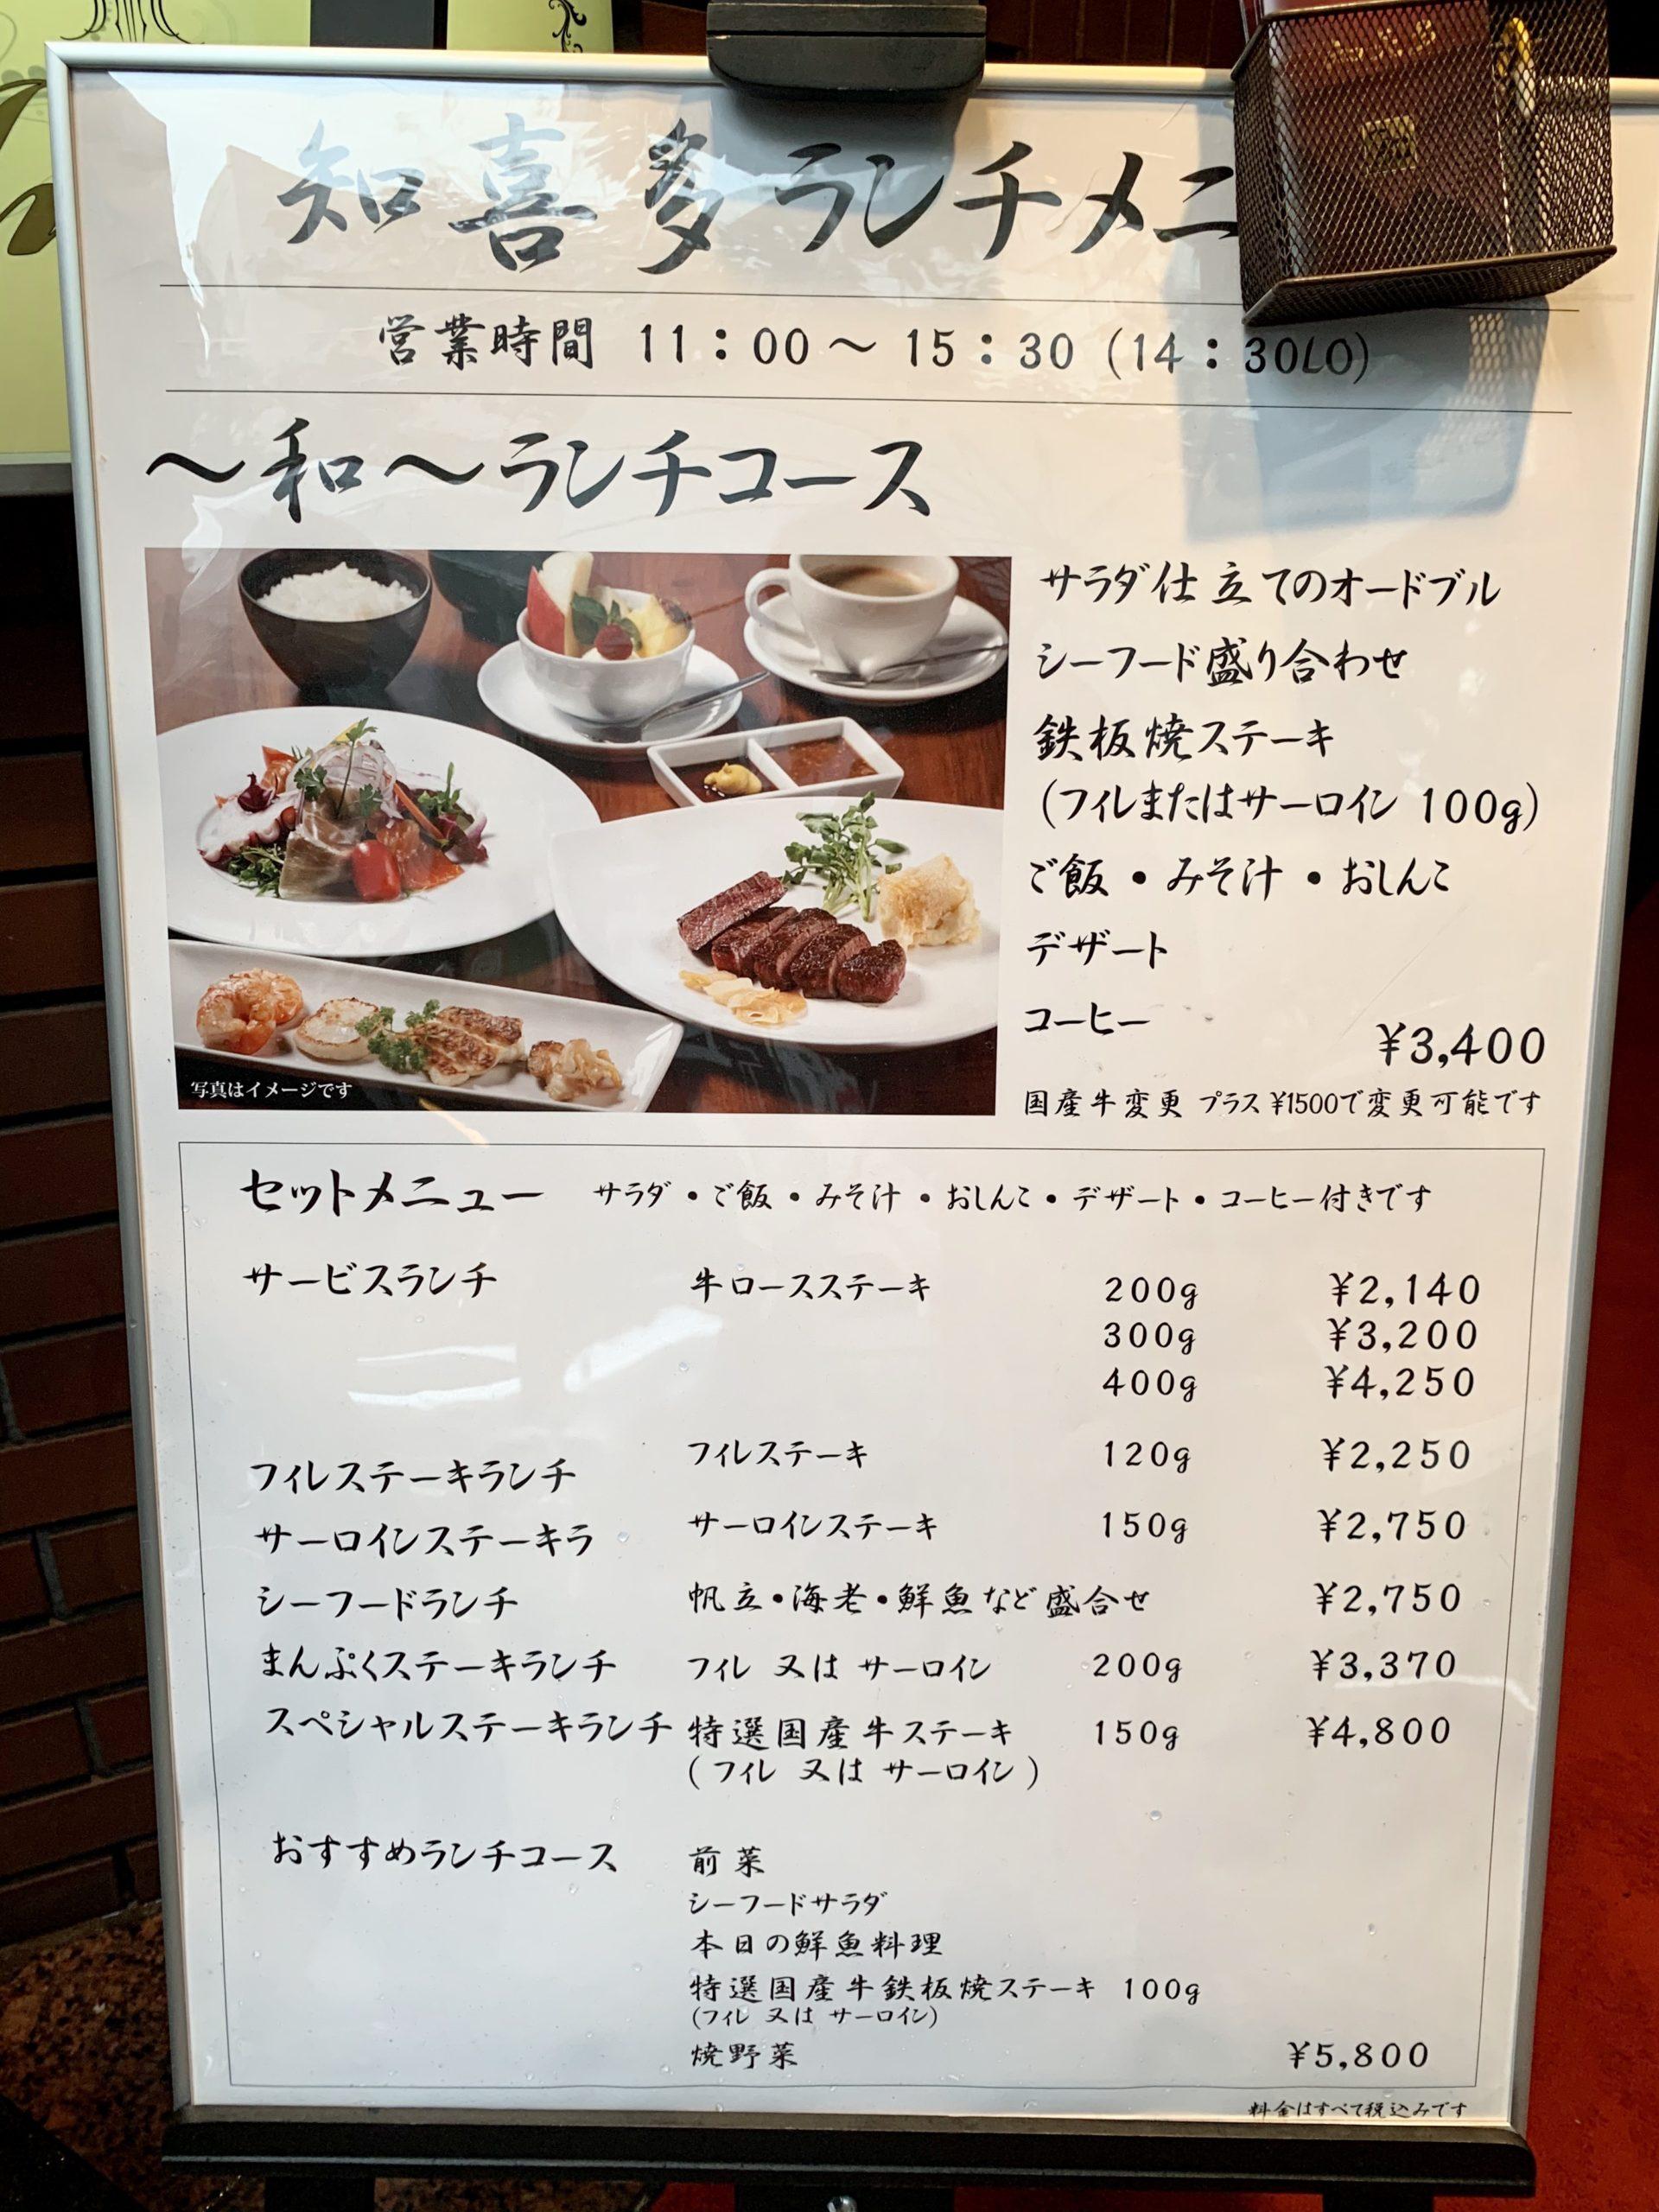 知喜多亭 和ではコース形式で鉄板焼きランチを楽しめます。